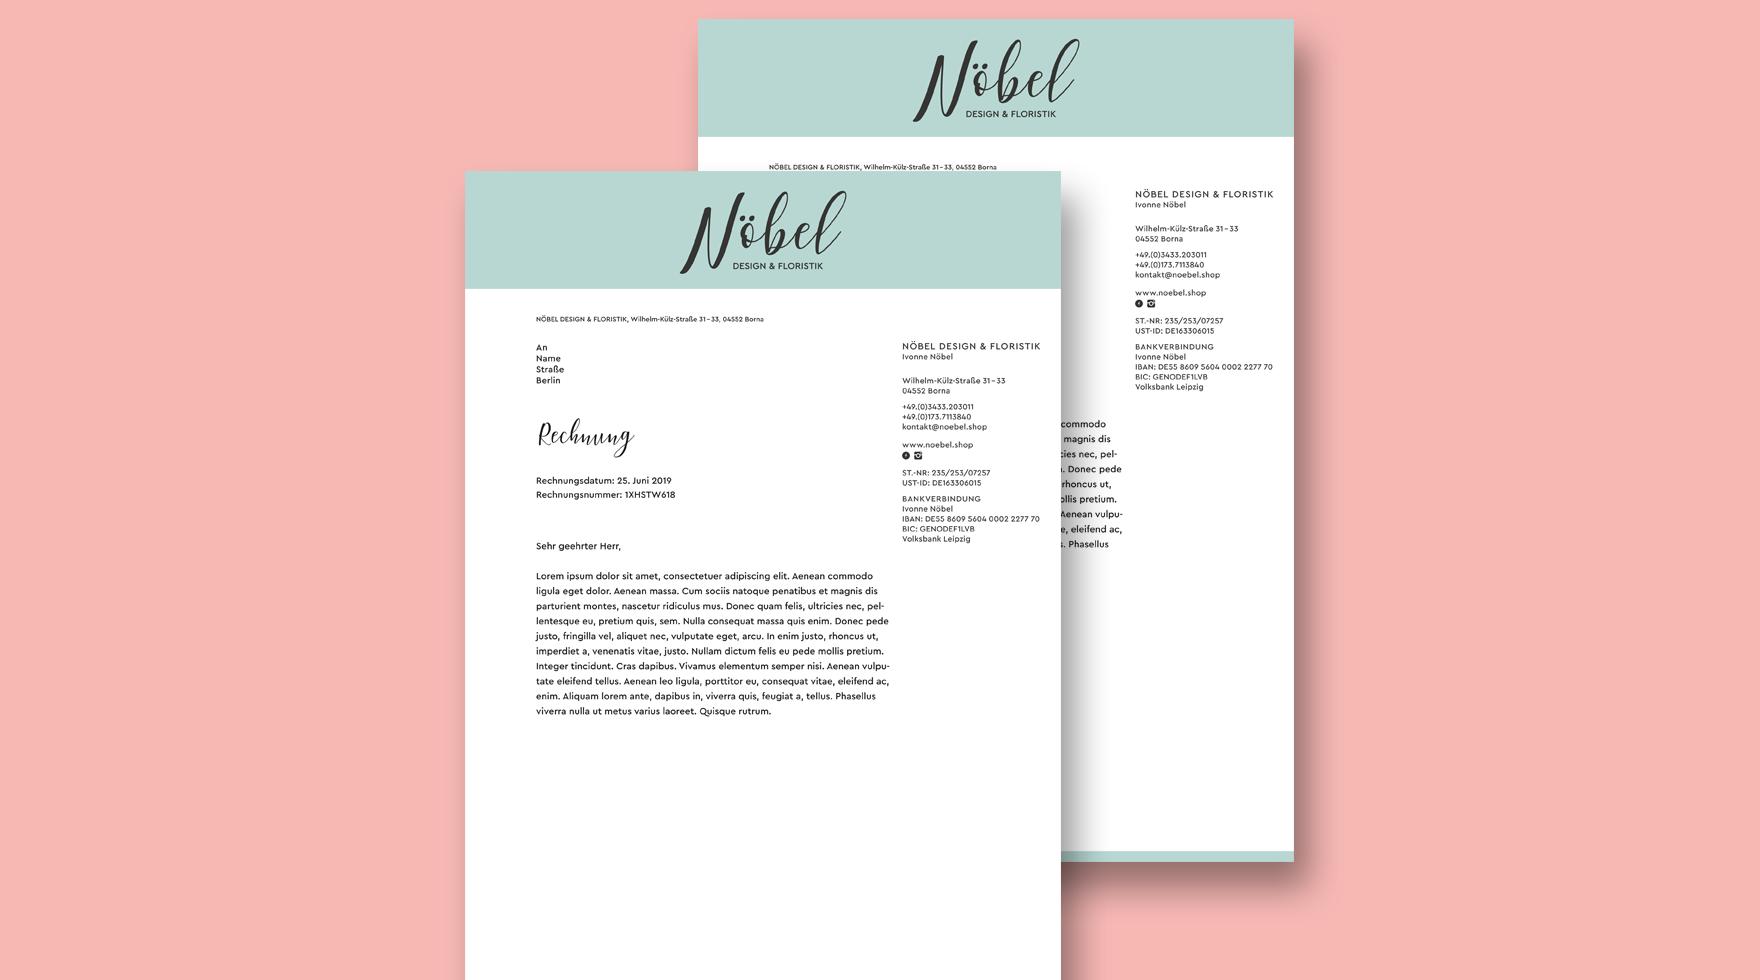 corporate-design-noebel-webshop-leipzig